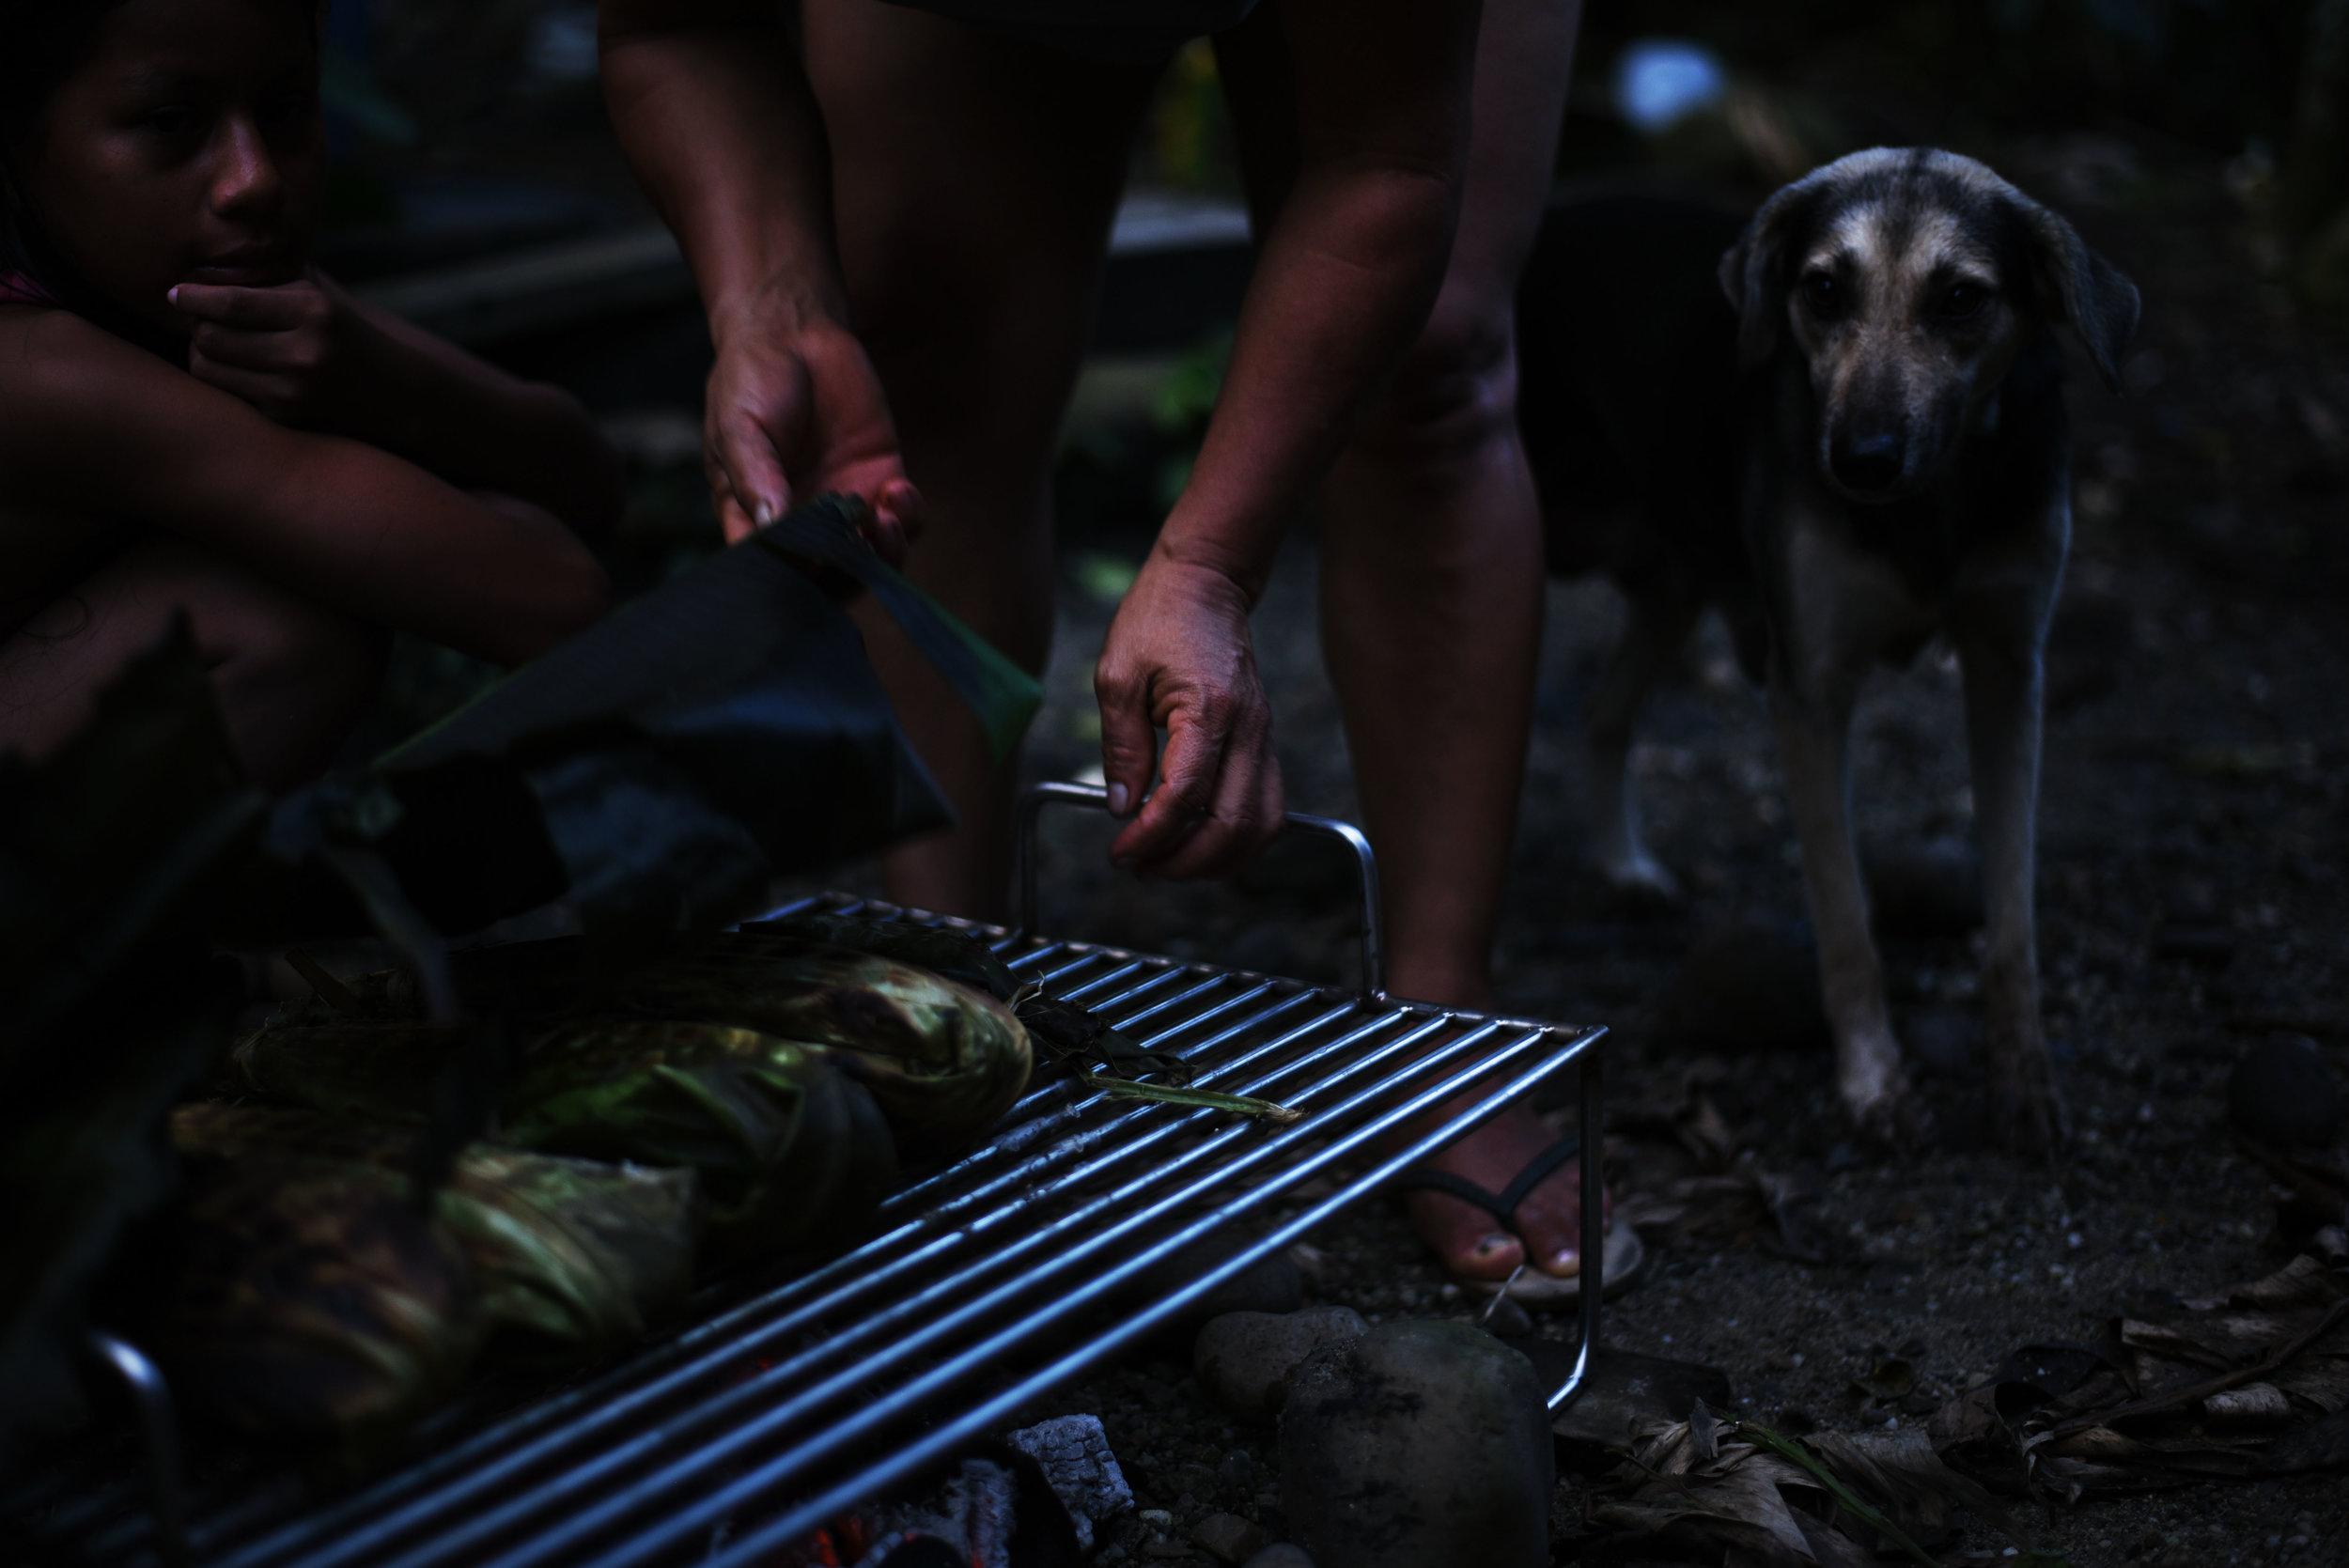 La Cena en La Amazonia//Dinner in the Amazon